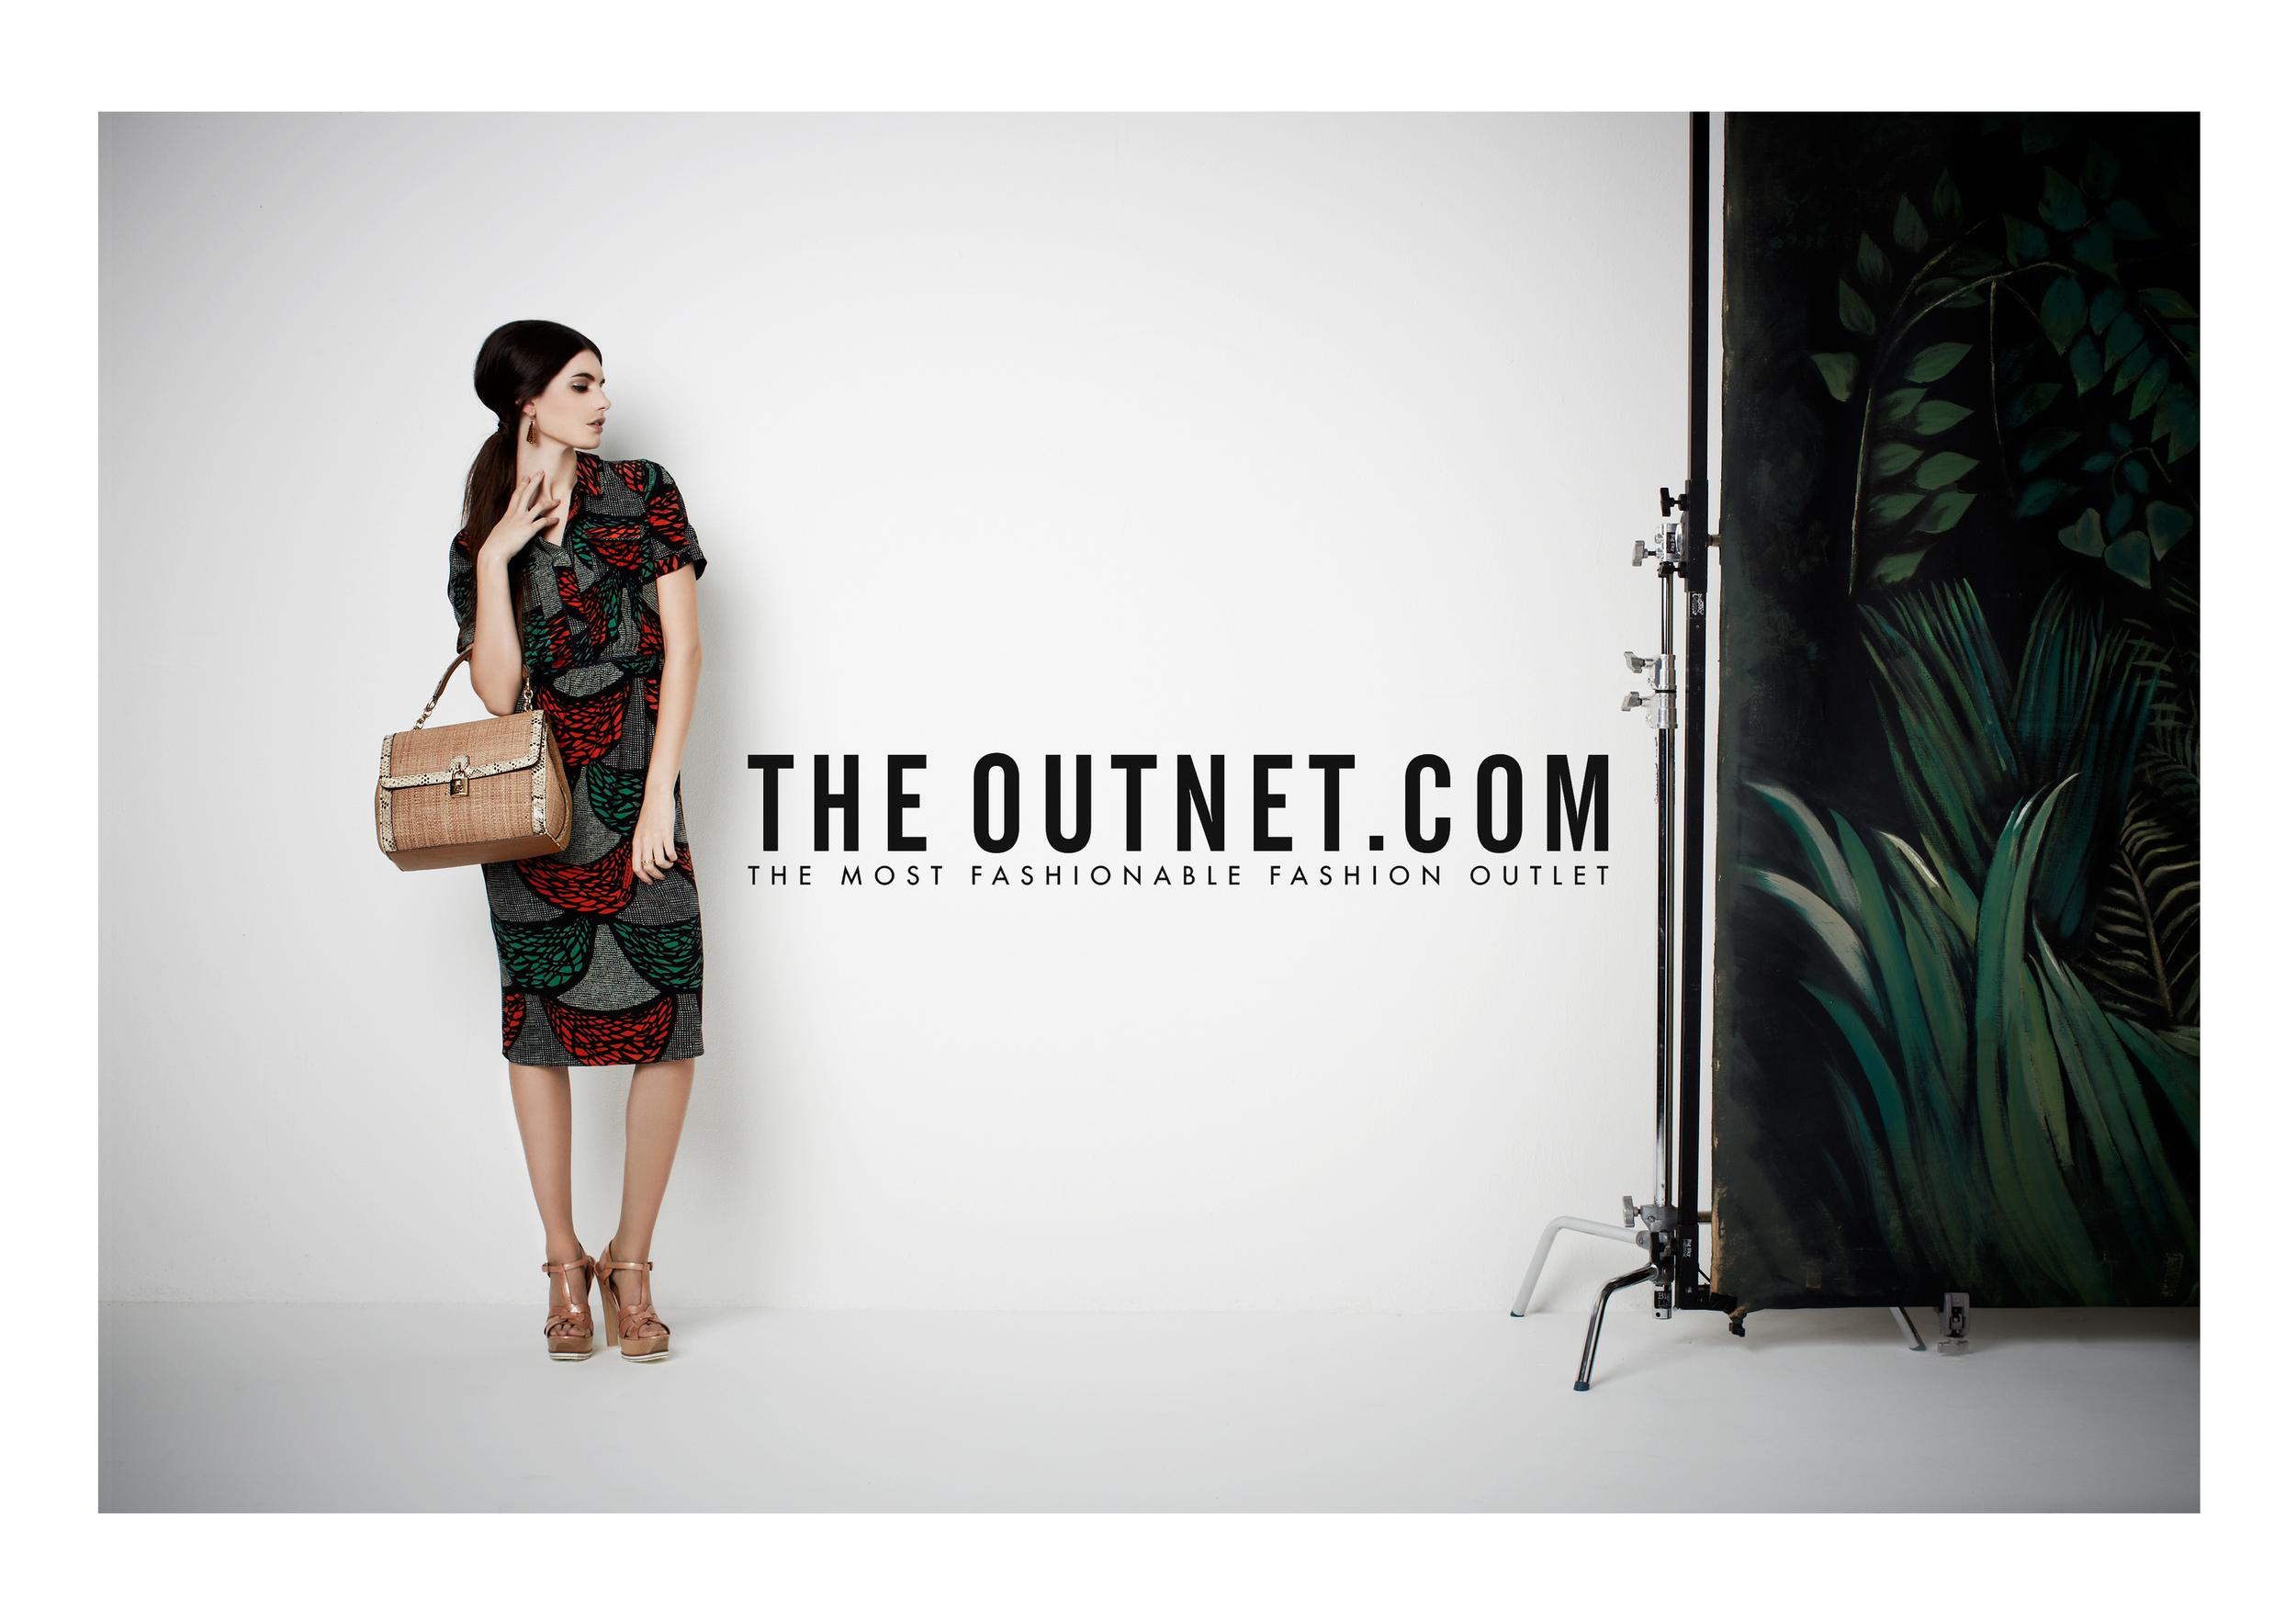 Advertising Outnet4 copy.jpg